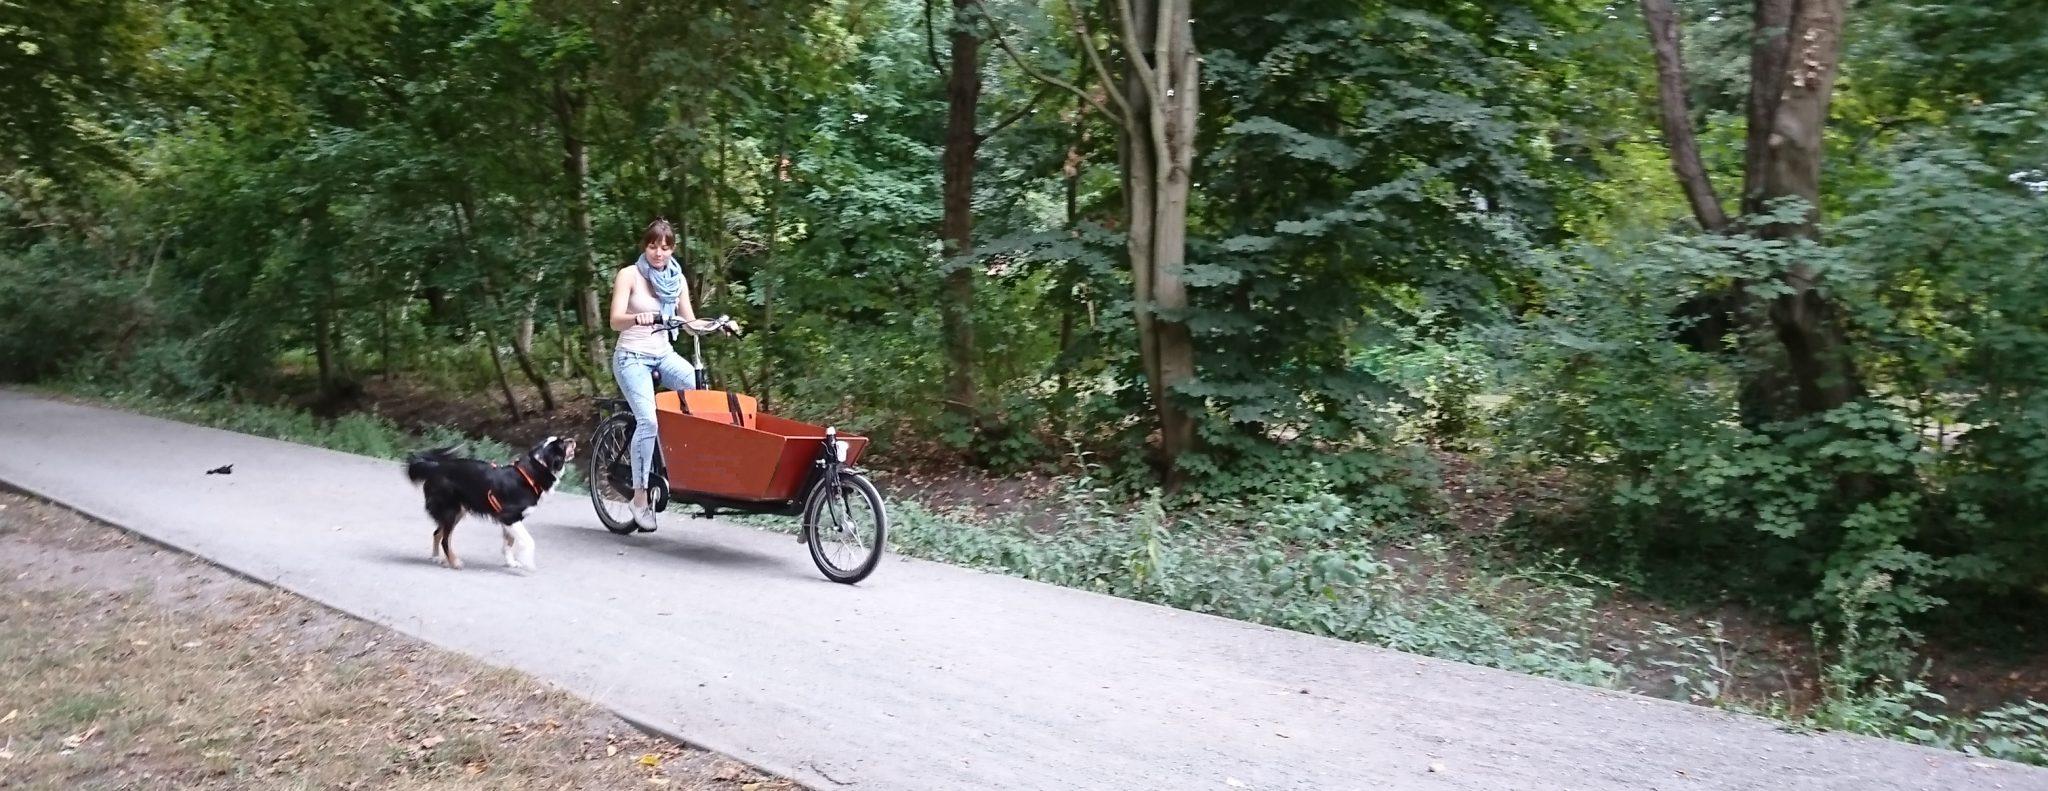 Bakfiets Lastenrad mit Hund auf dem Radweg